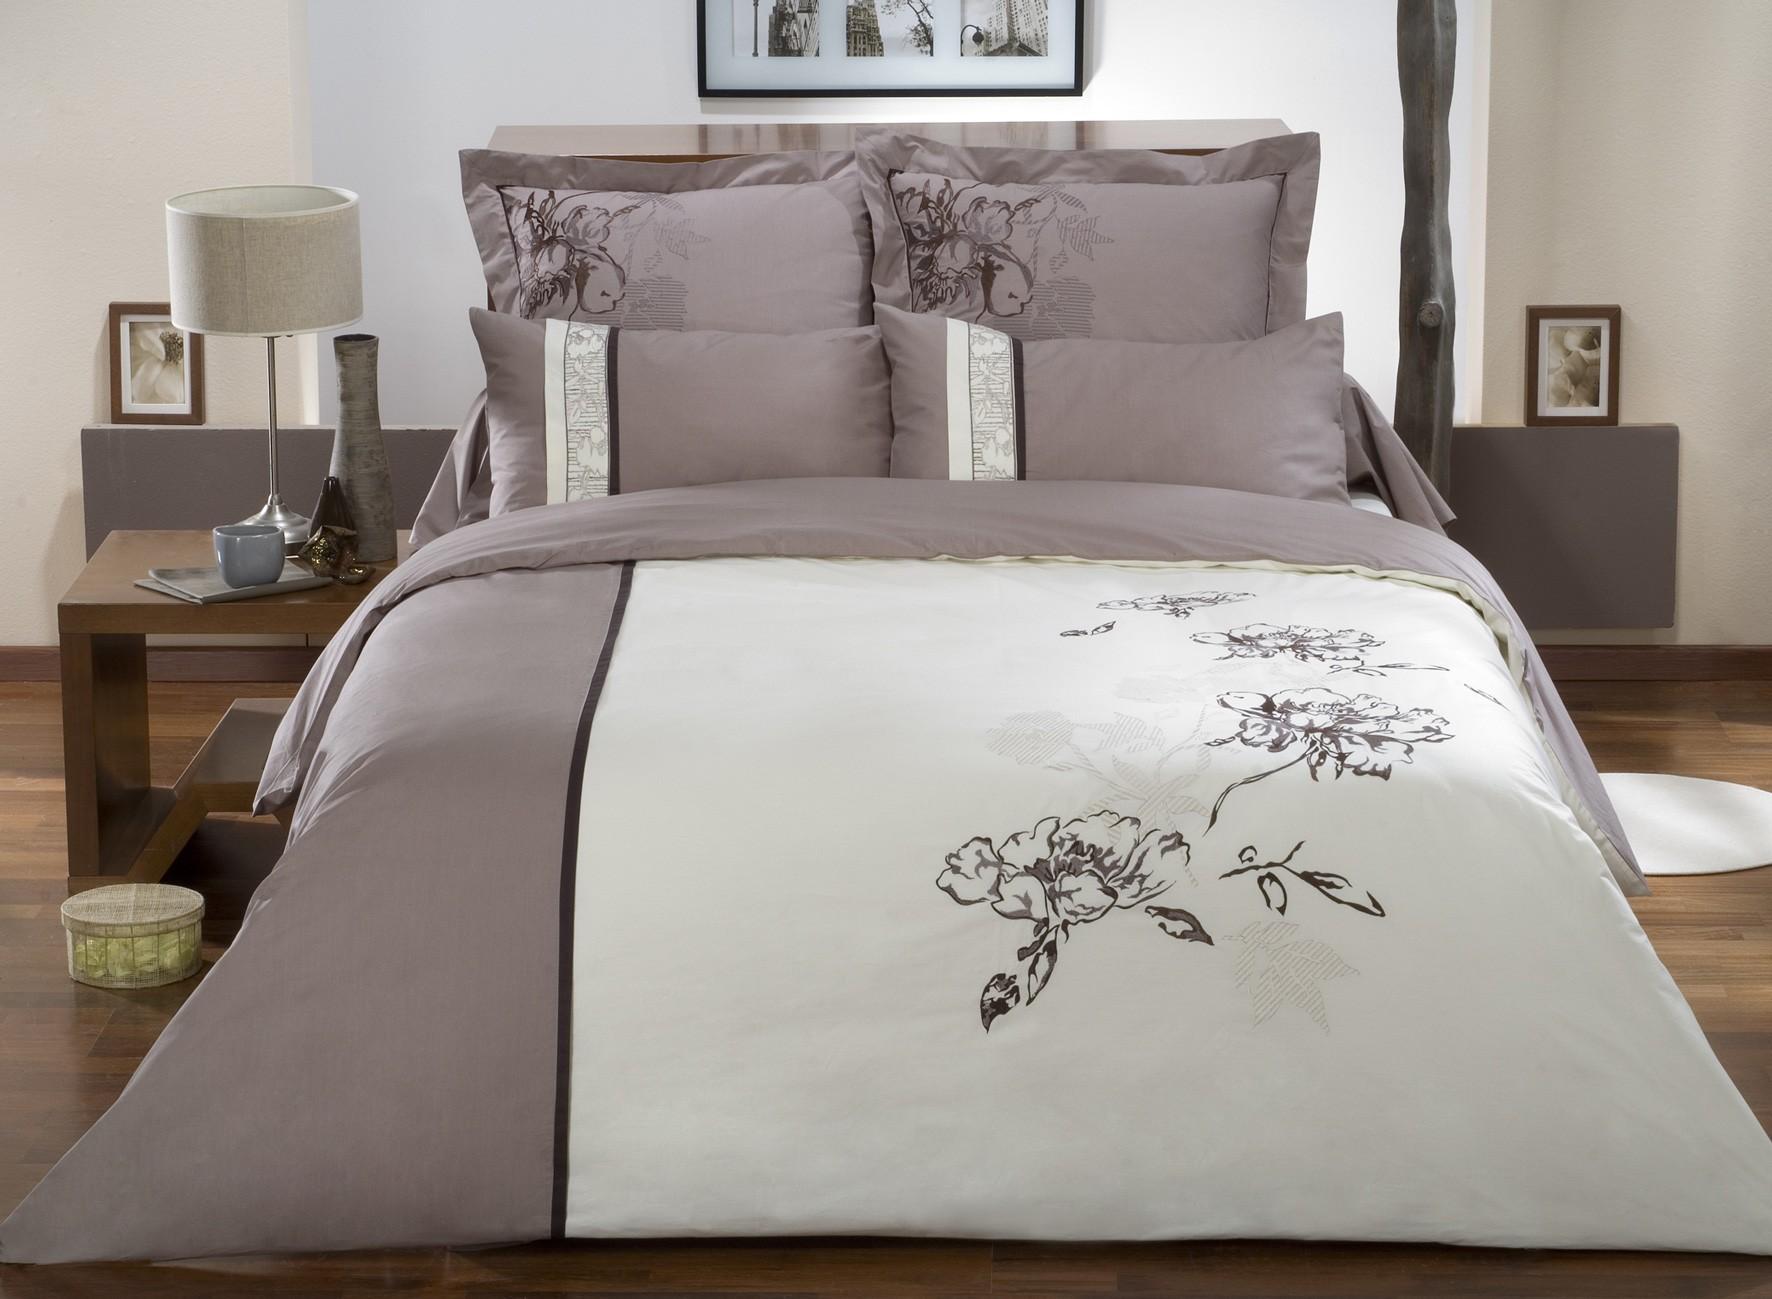 housse de couette chocolat taille 240x220cm 260x240cm. Black Bedroom Furniture Sets. Home Design Ideas